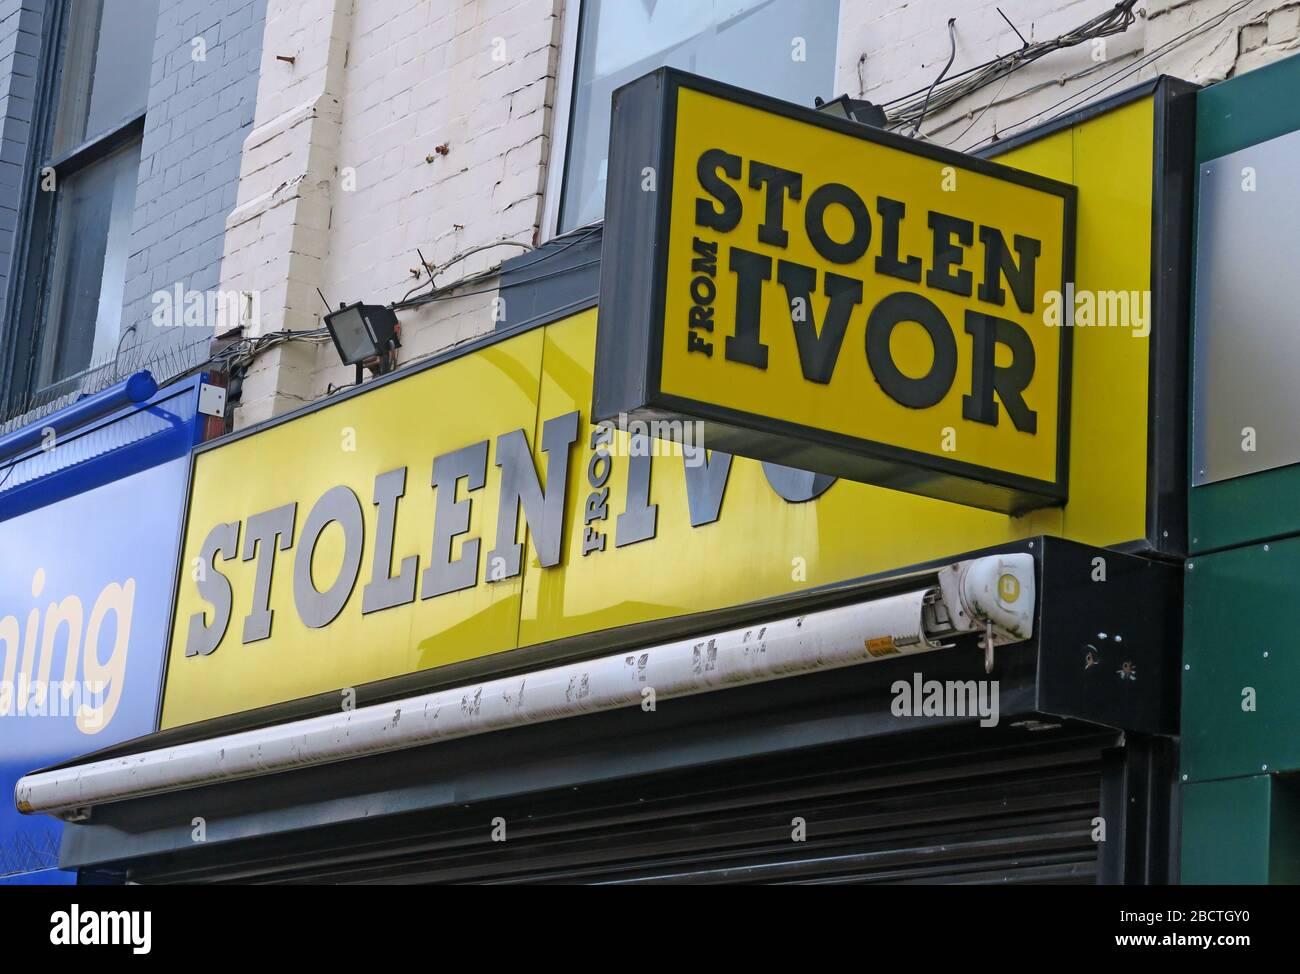 Dieses Stockfoto: Gestohlen von Ivor, berühmten Herren Ausstattern, Ivor Hazan, Stockport, Greater Manchester, Cheshire, England, UK, 77-79 Prince's St, Stockport SK1 1RW - 2BCTGY